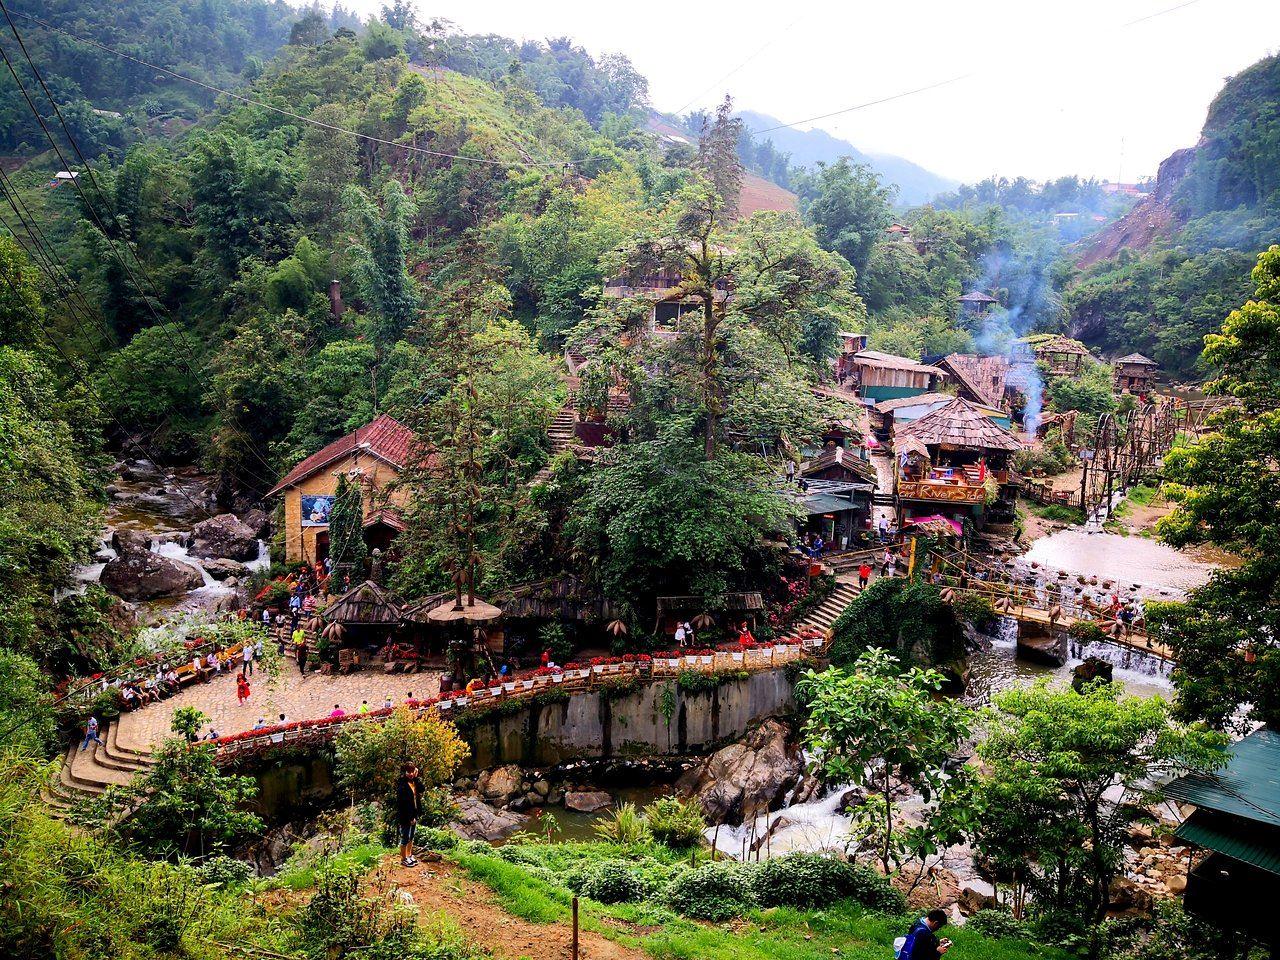 Du Lịch Hà Nội - Hạ Long- Sapa - Fansipan 4 ngày 3 đêm